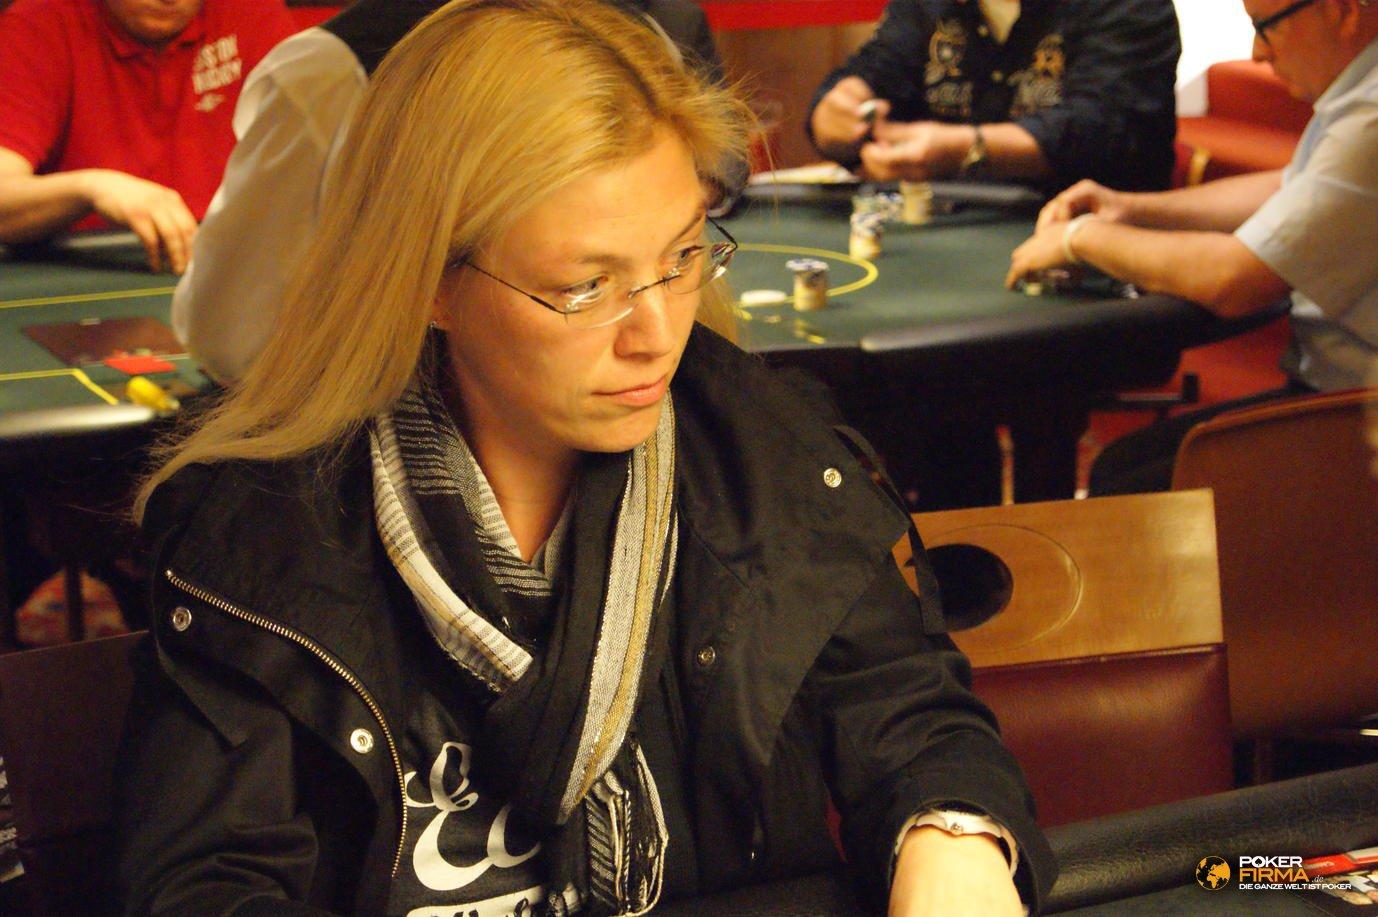 Mountain_Poker_Party_250_NLH_051011_Eva_Pirro